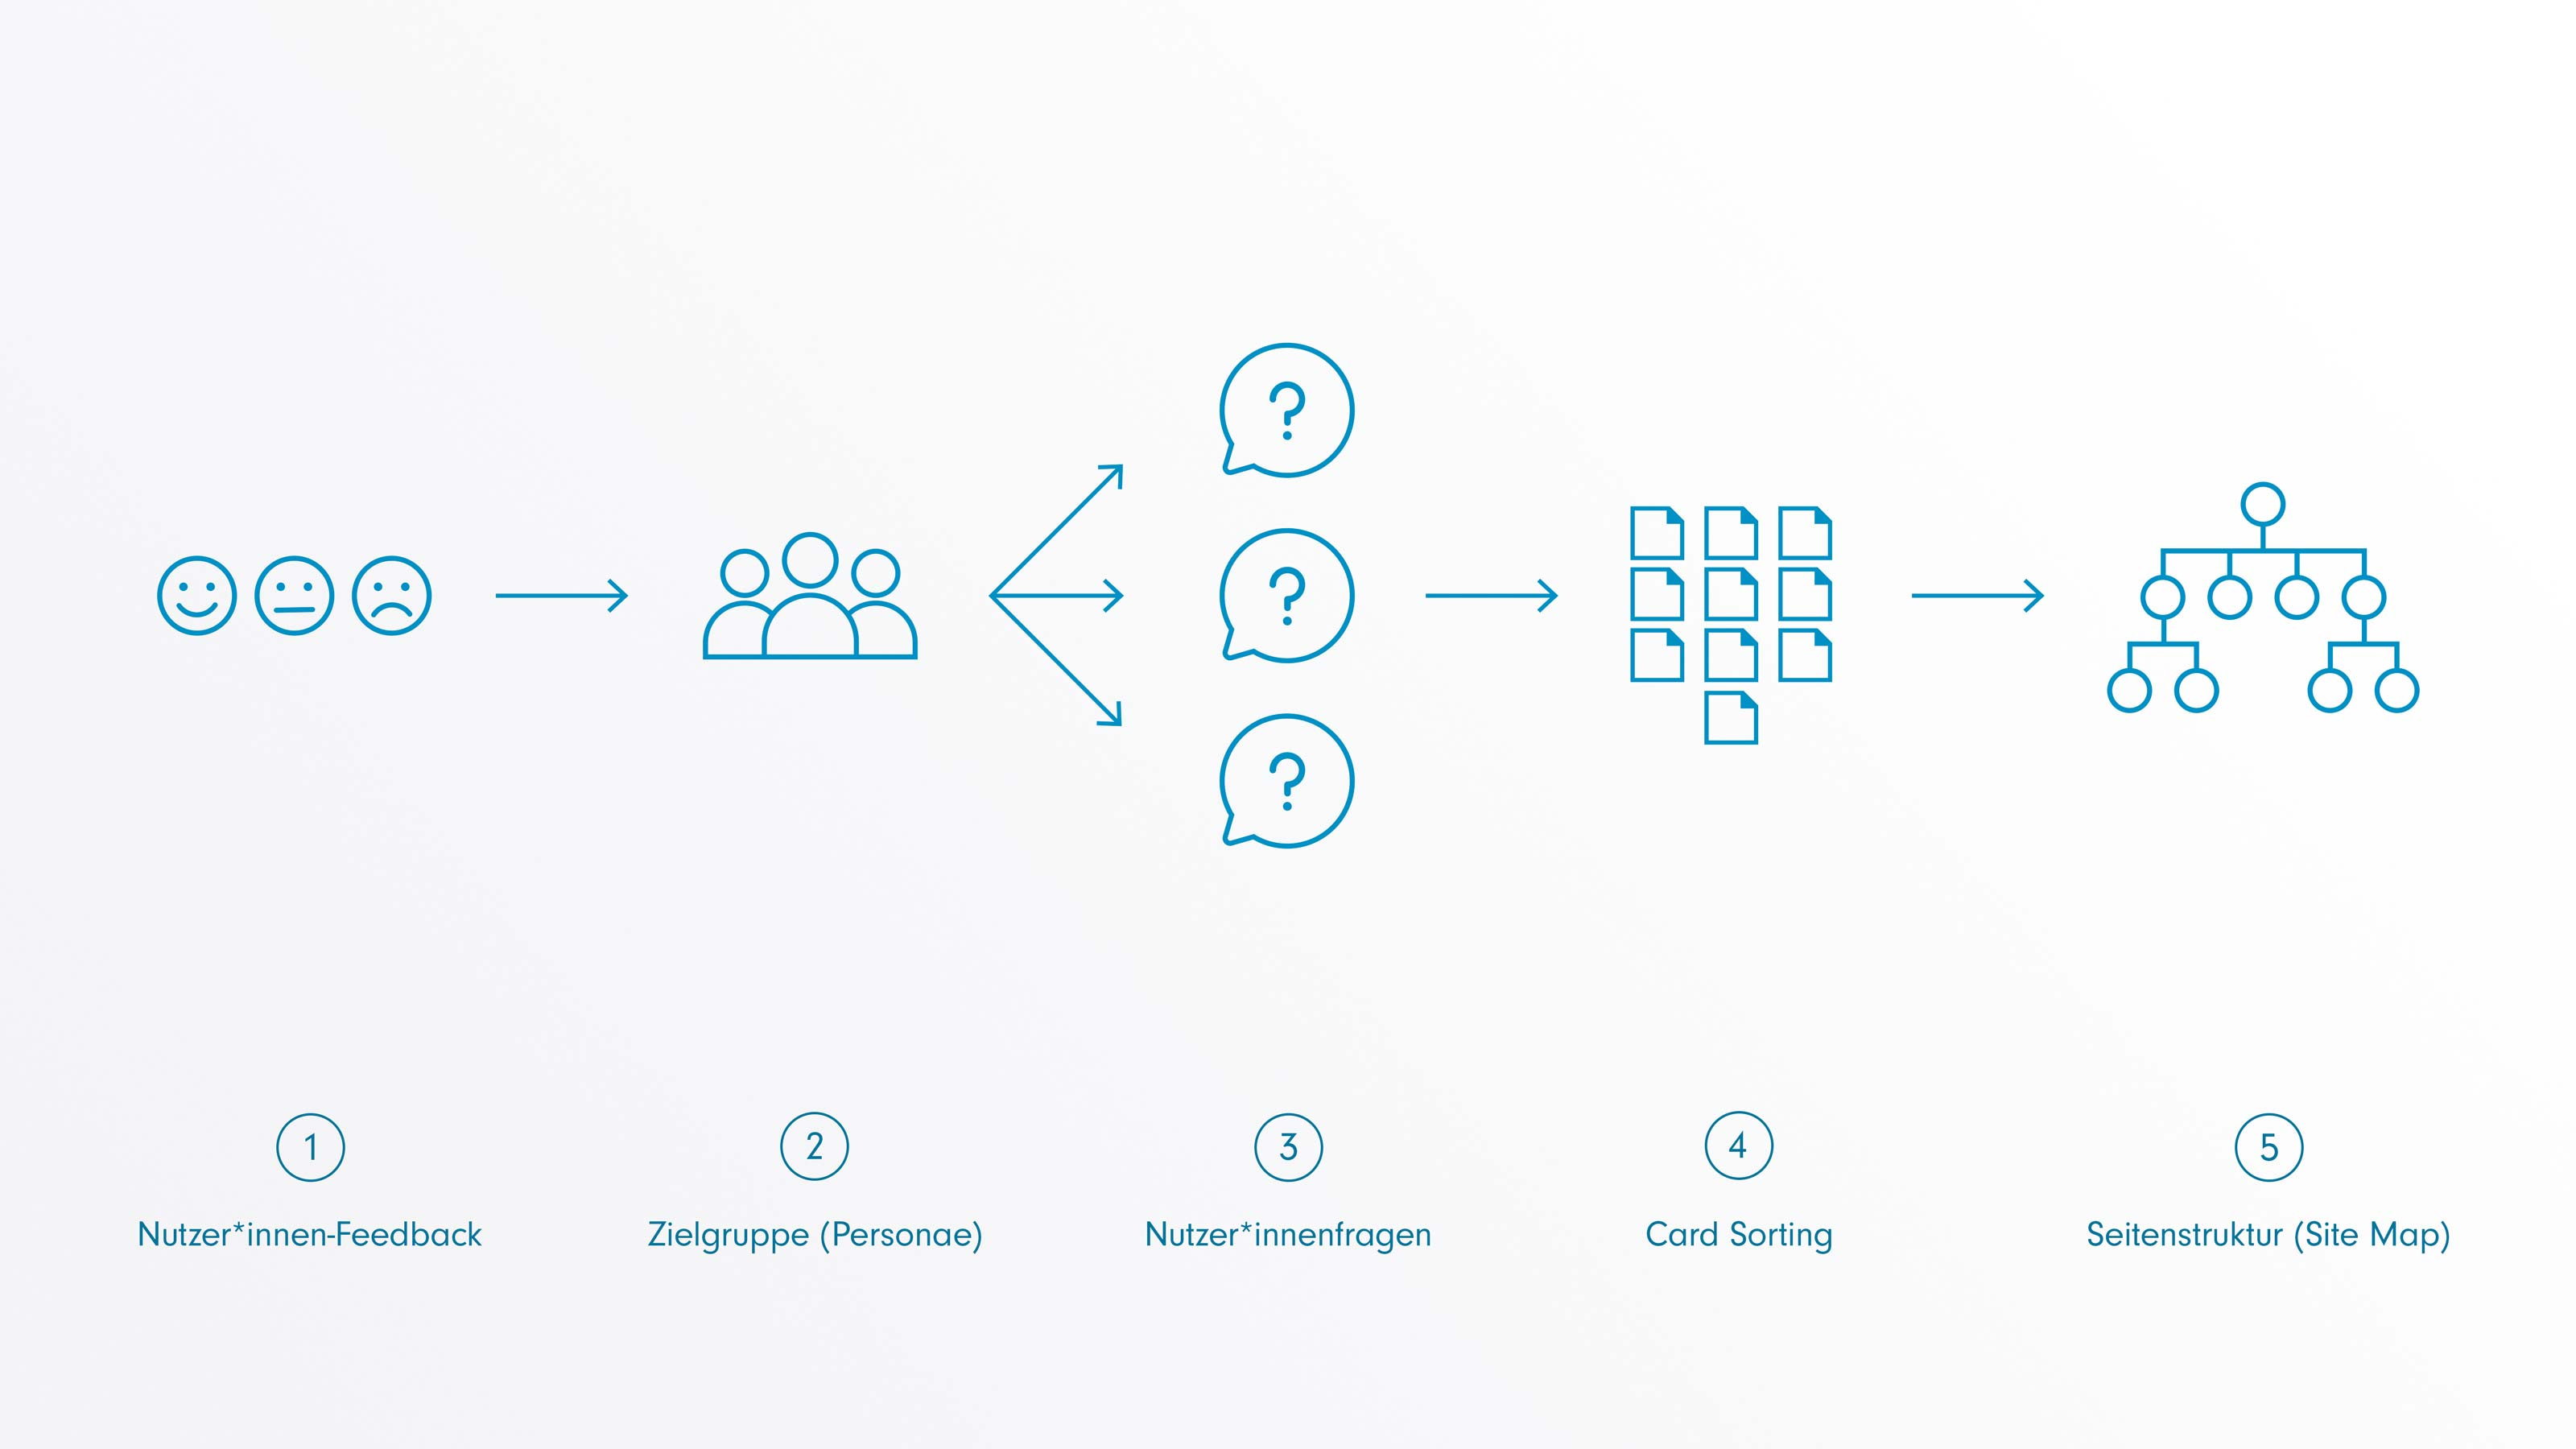 Methodische Herangehensweise: Nutzerfeedback, Pfeil nach rechts, Zielgruppe, Pfeil nach rechts, Nutzerfragen, Pfeil nach rechts, Card Sorting, Pfeil nach rechts, Seitenstruktur